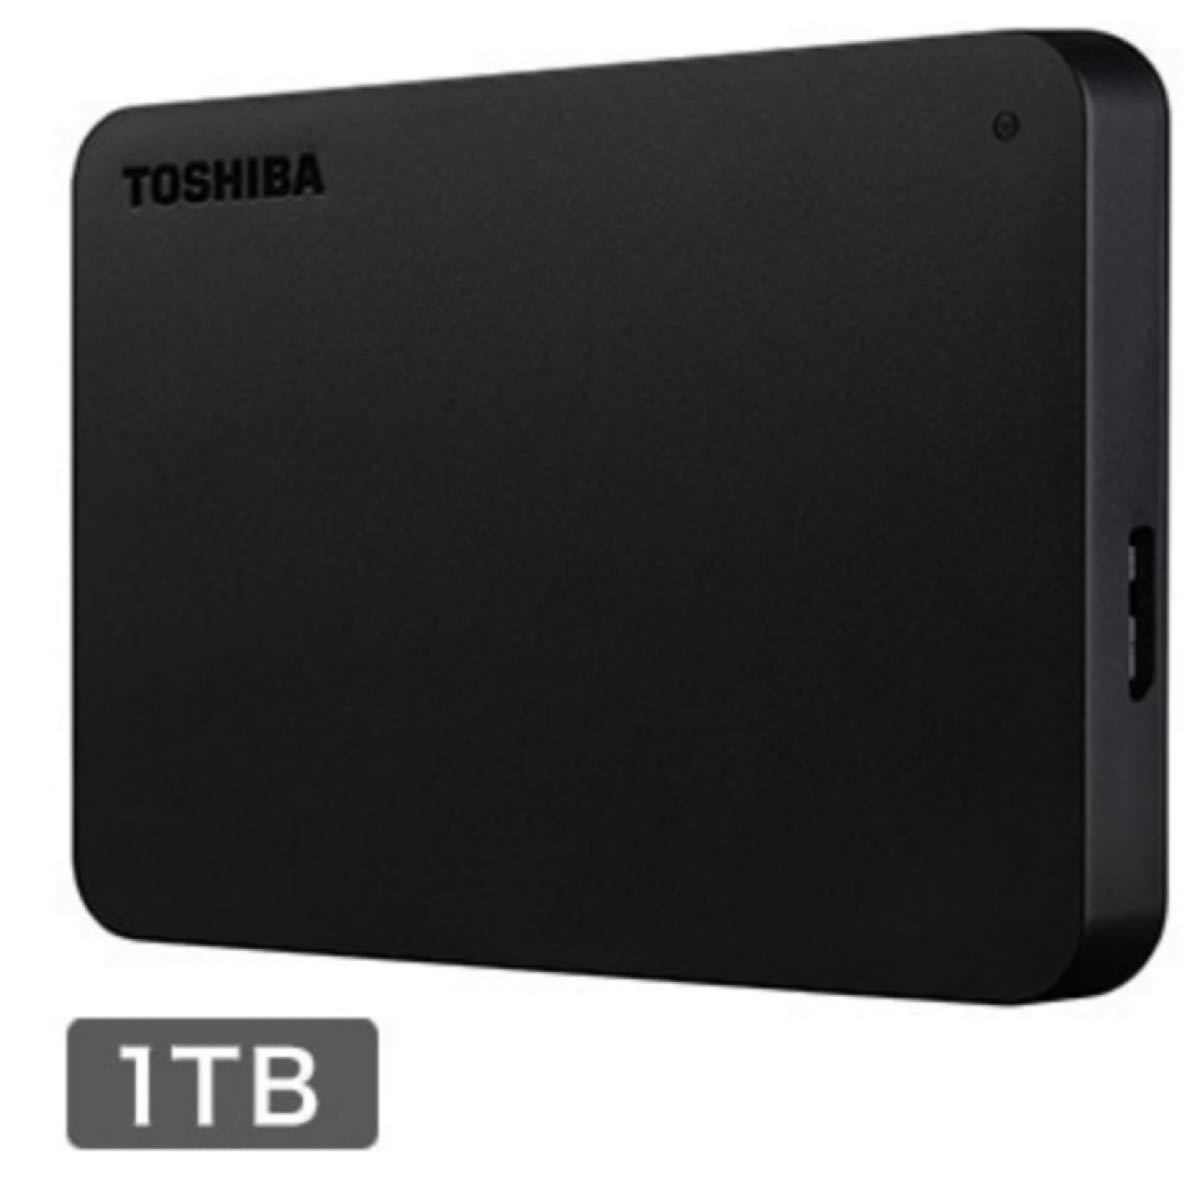 東芝 外付けポータブルハードディスク 1TB ブラックHDAD10AK3-FP